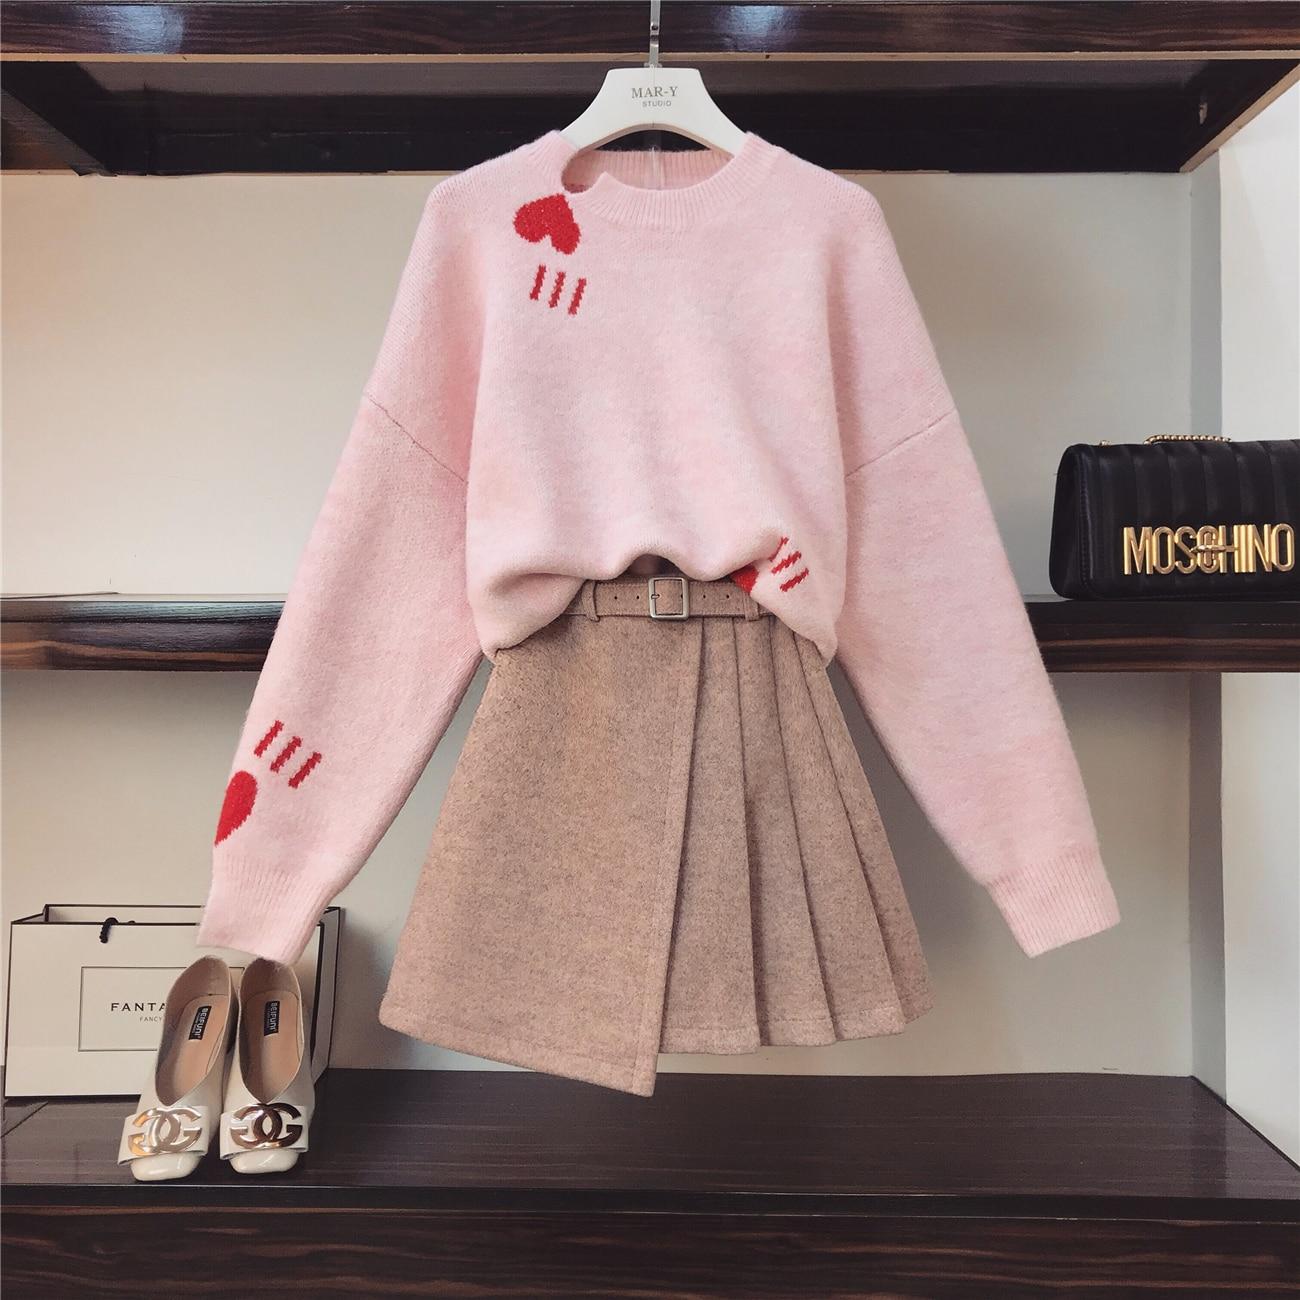 Nuovo Studenti Set Inverno 2018 Pink Irregolare Alle Maglia Corte Colore Maglione Lavoro Maniche Lunghe Di O Collo Si A Rosa Donne Modo Adatta Gonne Autunno Delle dpxxq1tAw